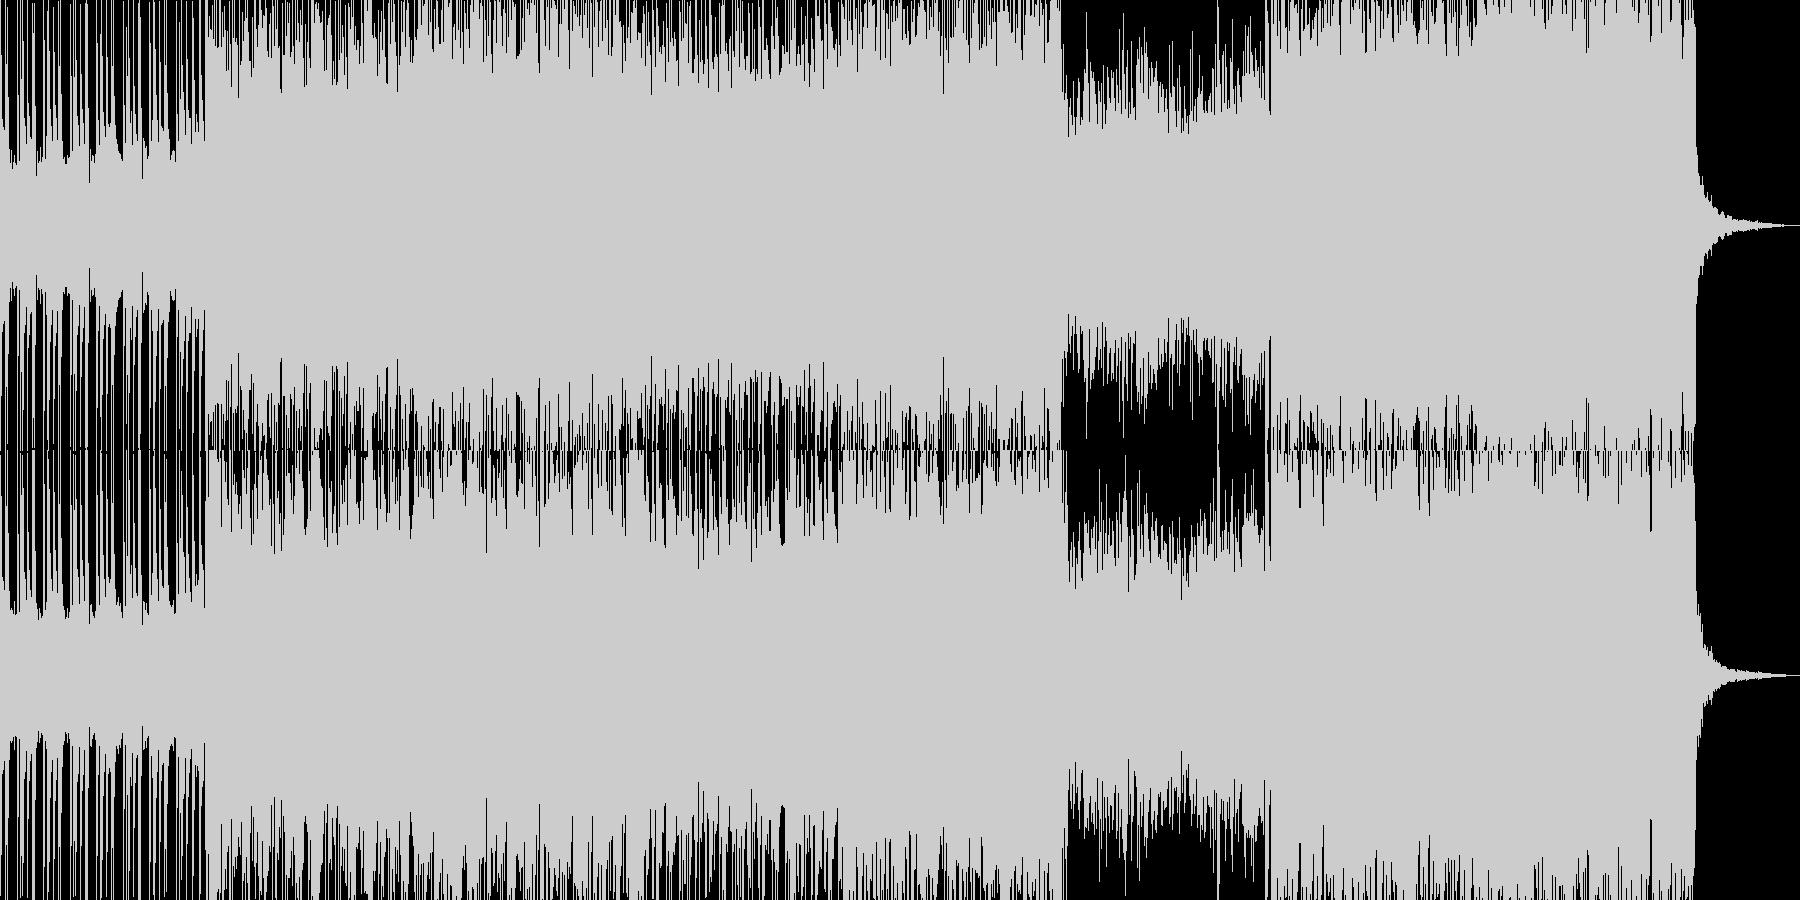 展開あるシンセとギターのスタイリッシュ曲の未再生の波形